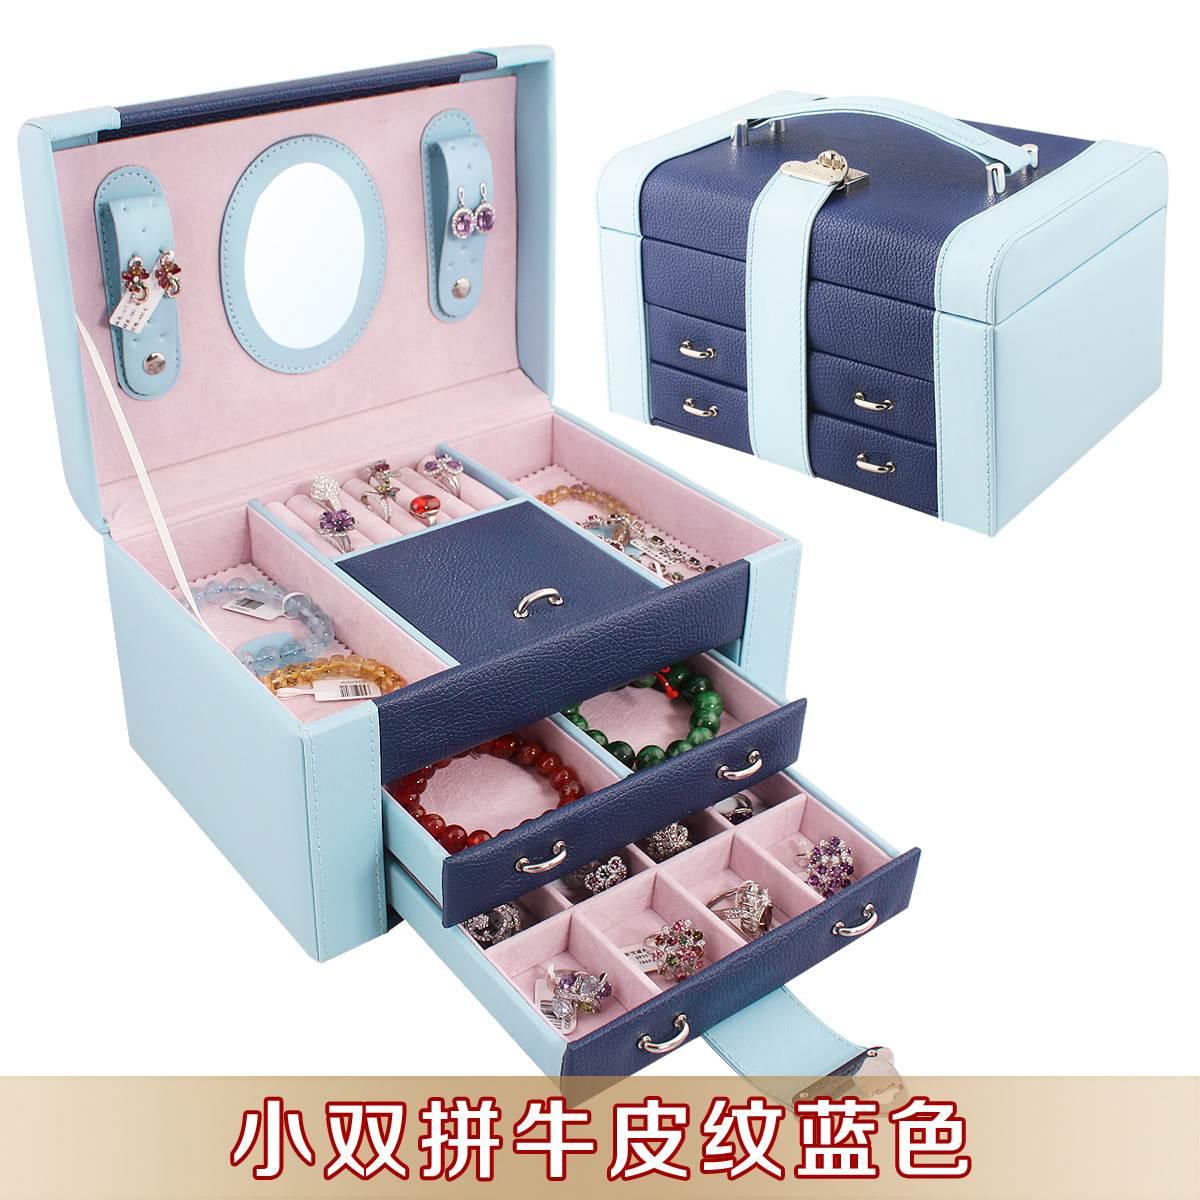 拉薇首�盒 大小�p拼 �W式公主首�收�{盒化�y盒 �品盒珠��箱